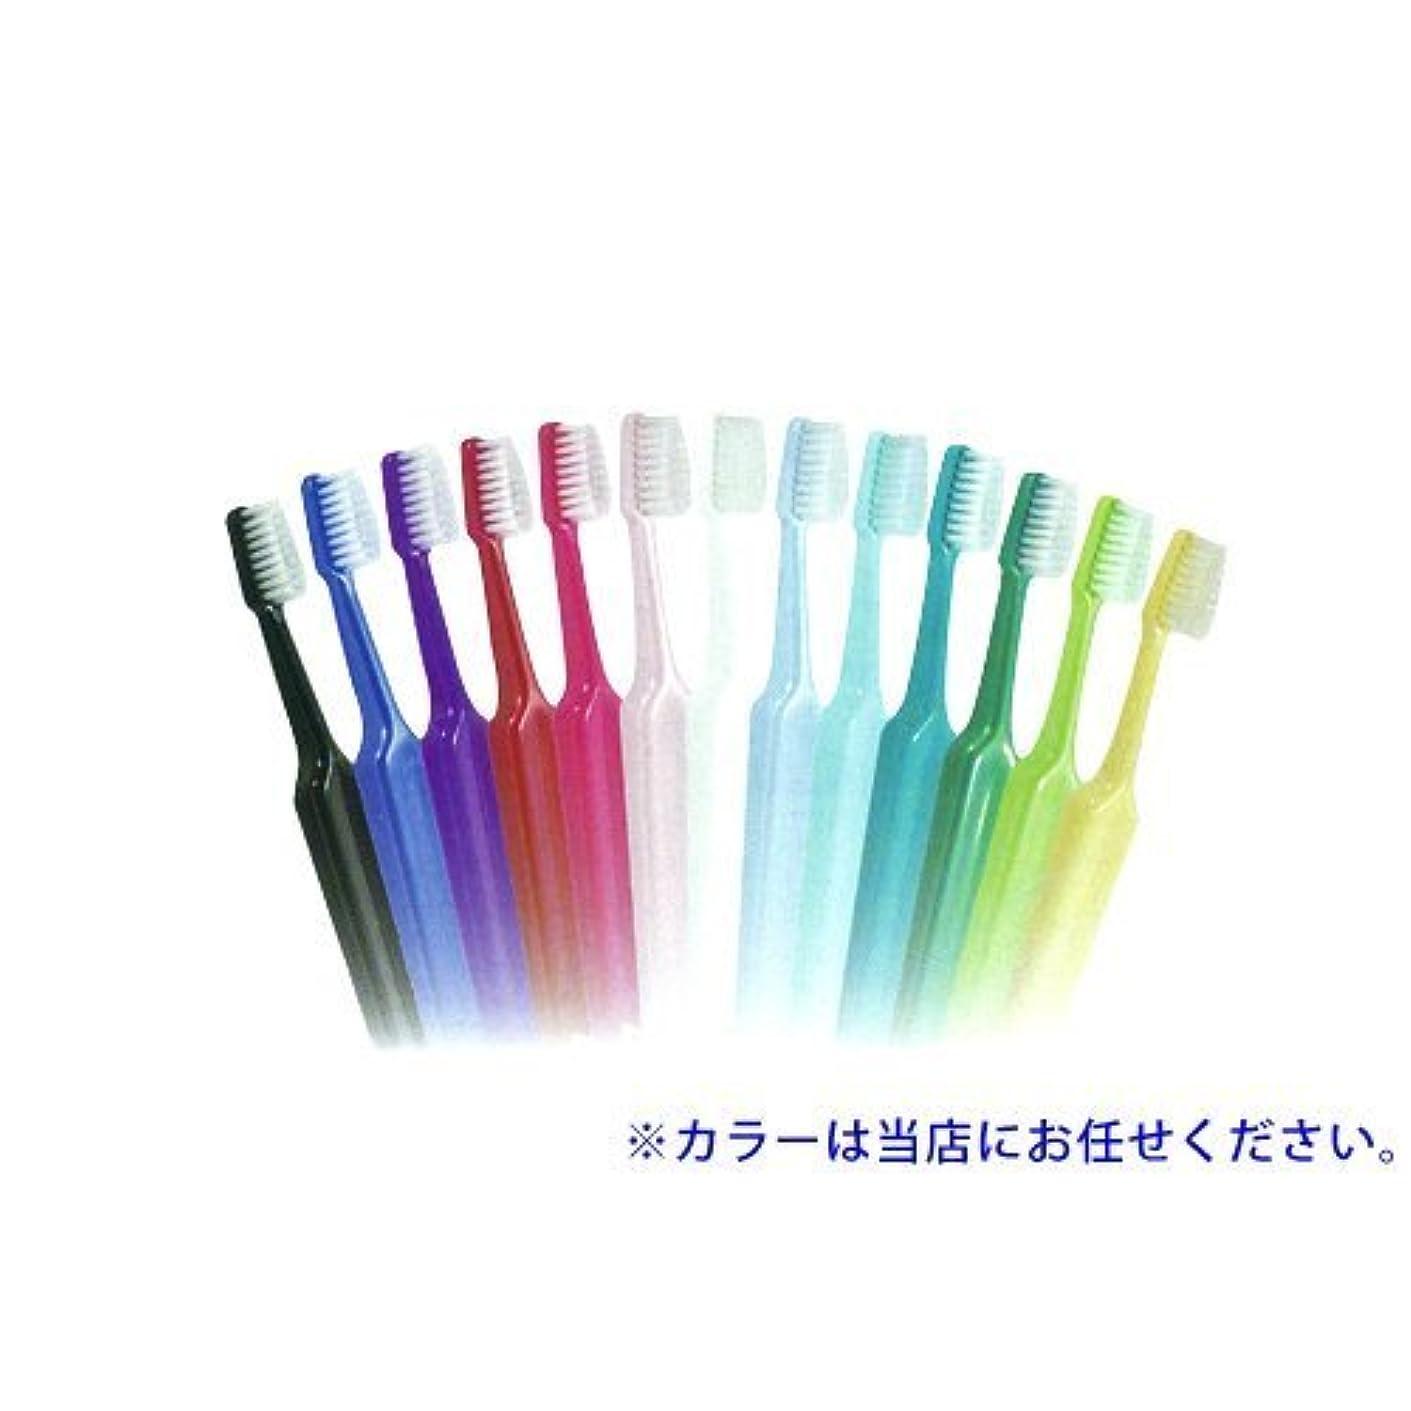 歌インストラクターアラブTepe歯ブラシ セレクトミニ/エクストラソフト 25本/箱